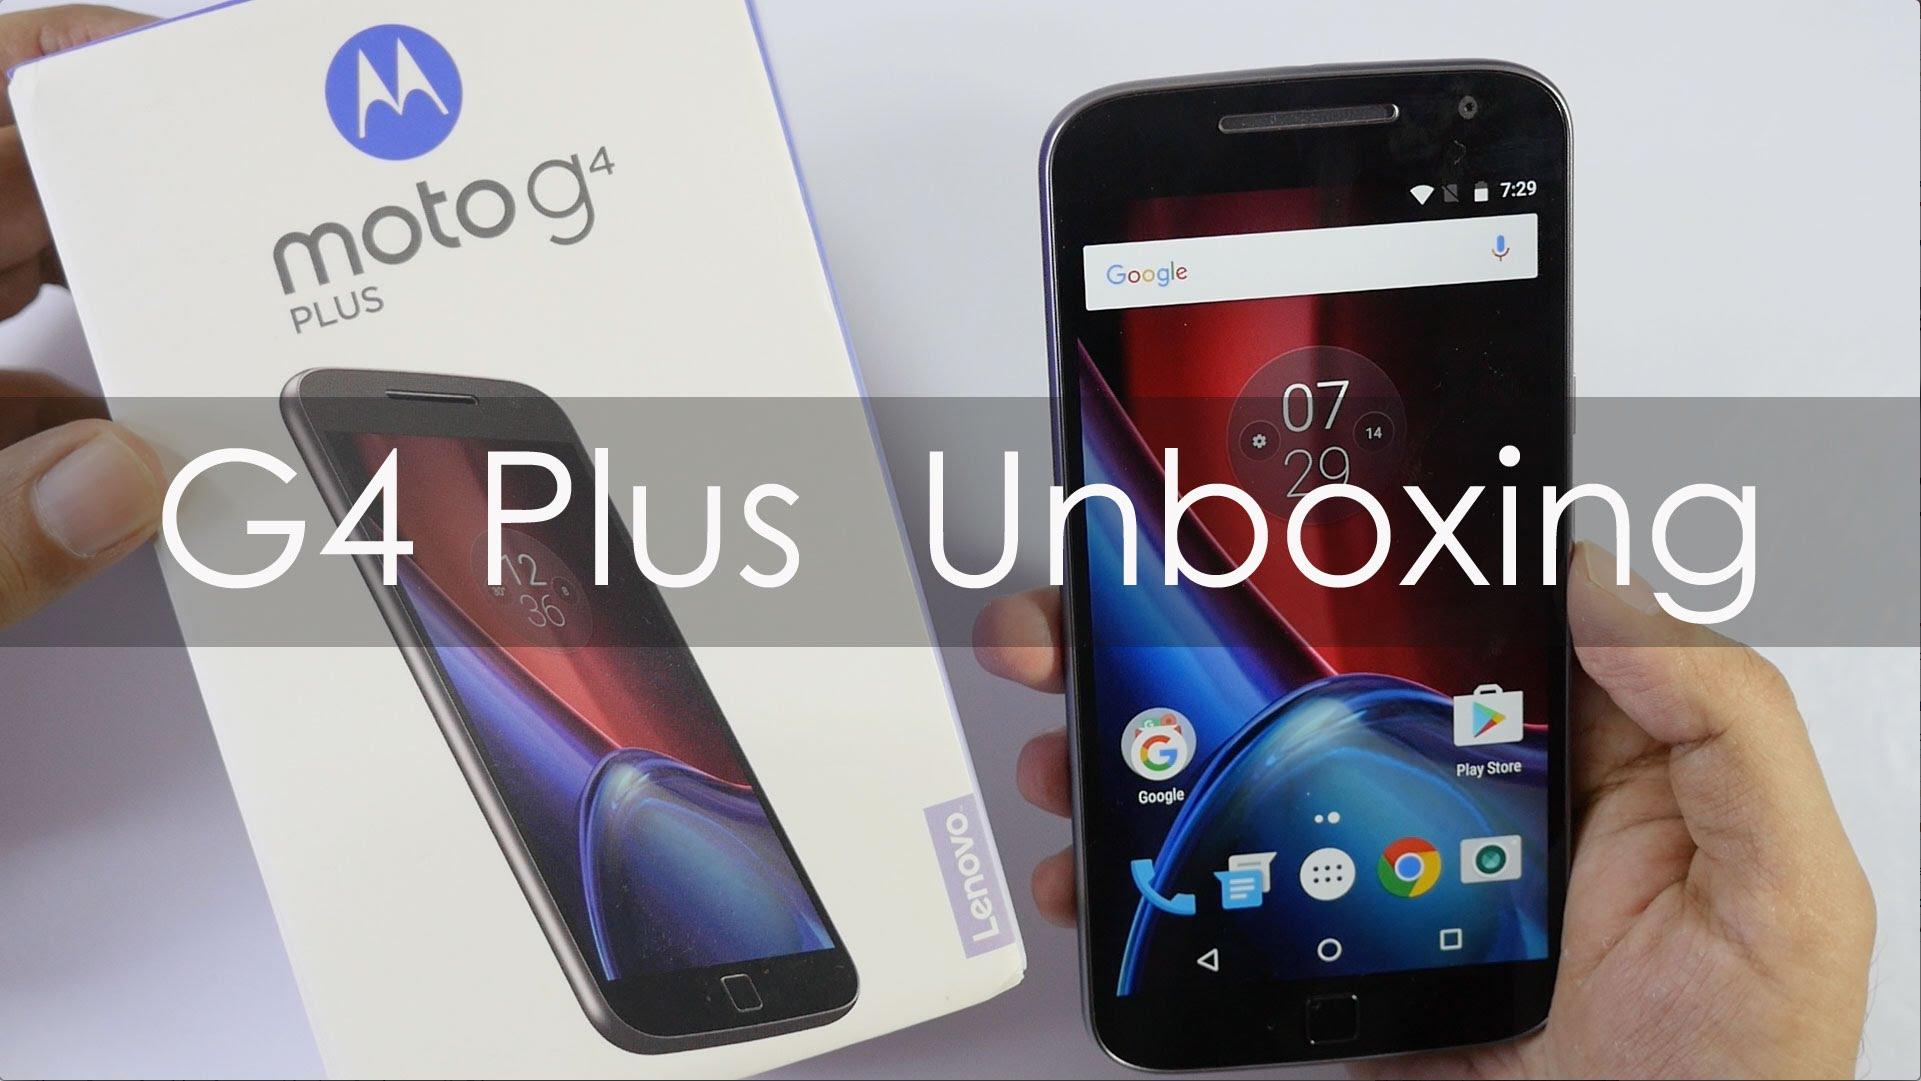 Motorola Moto G4 Plus Specs